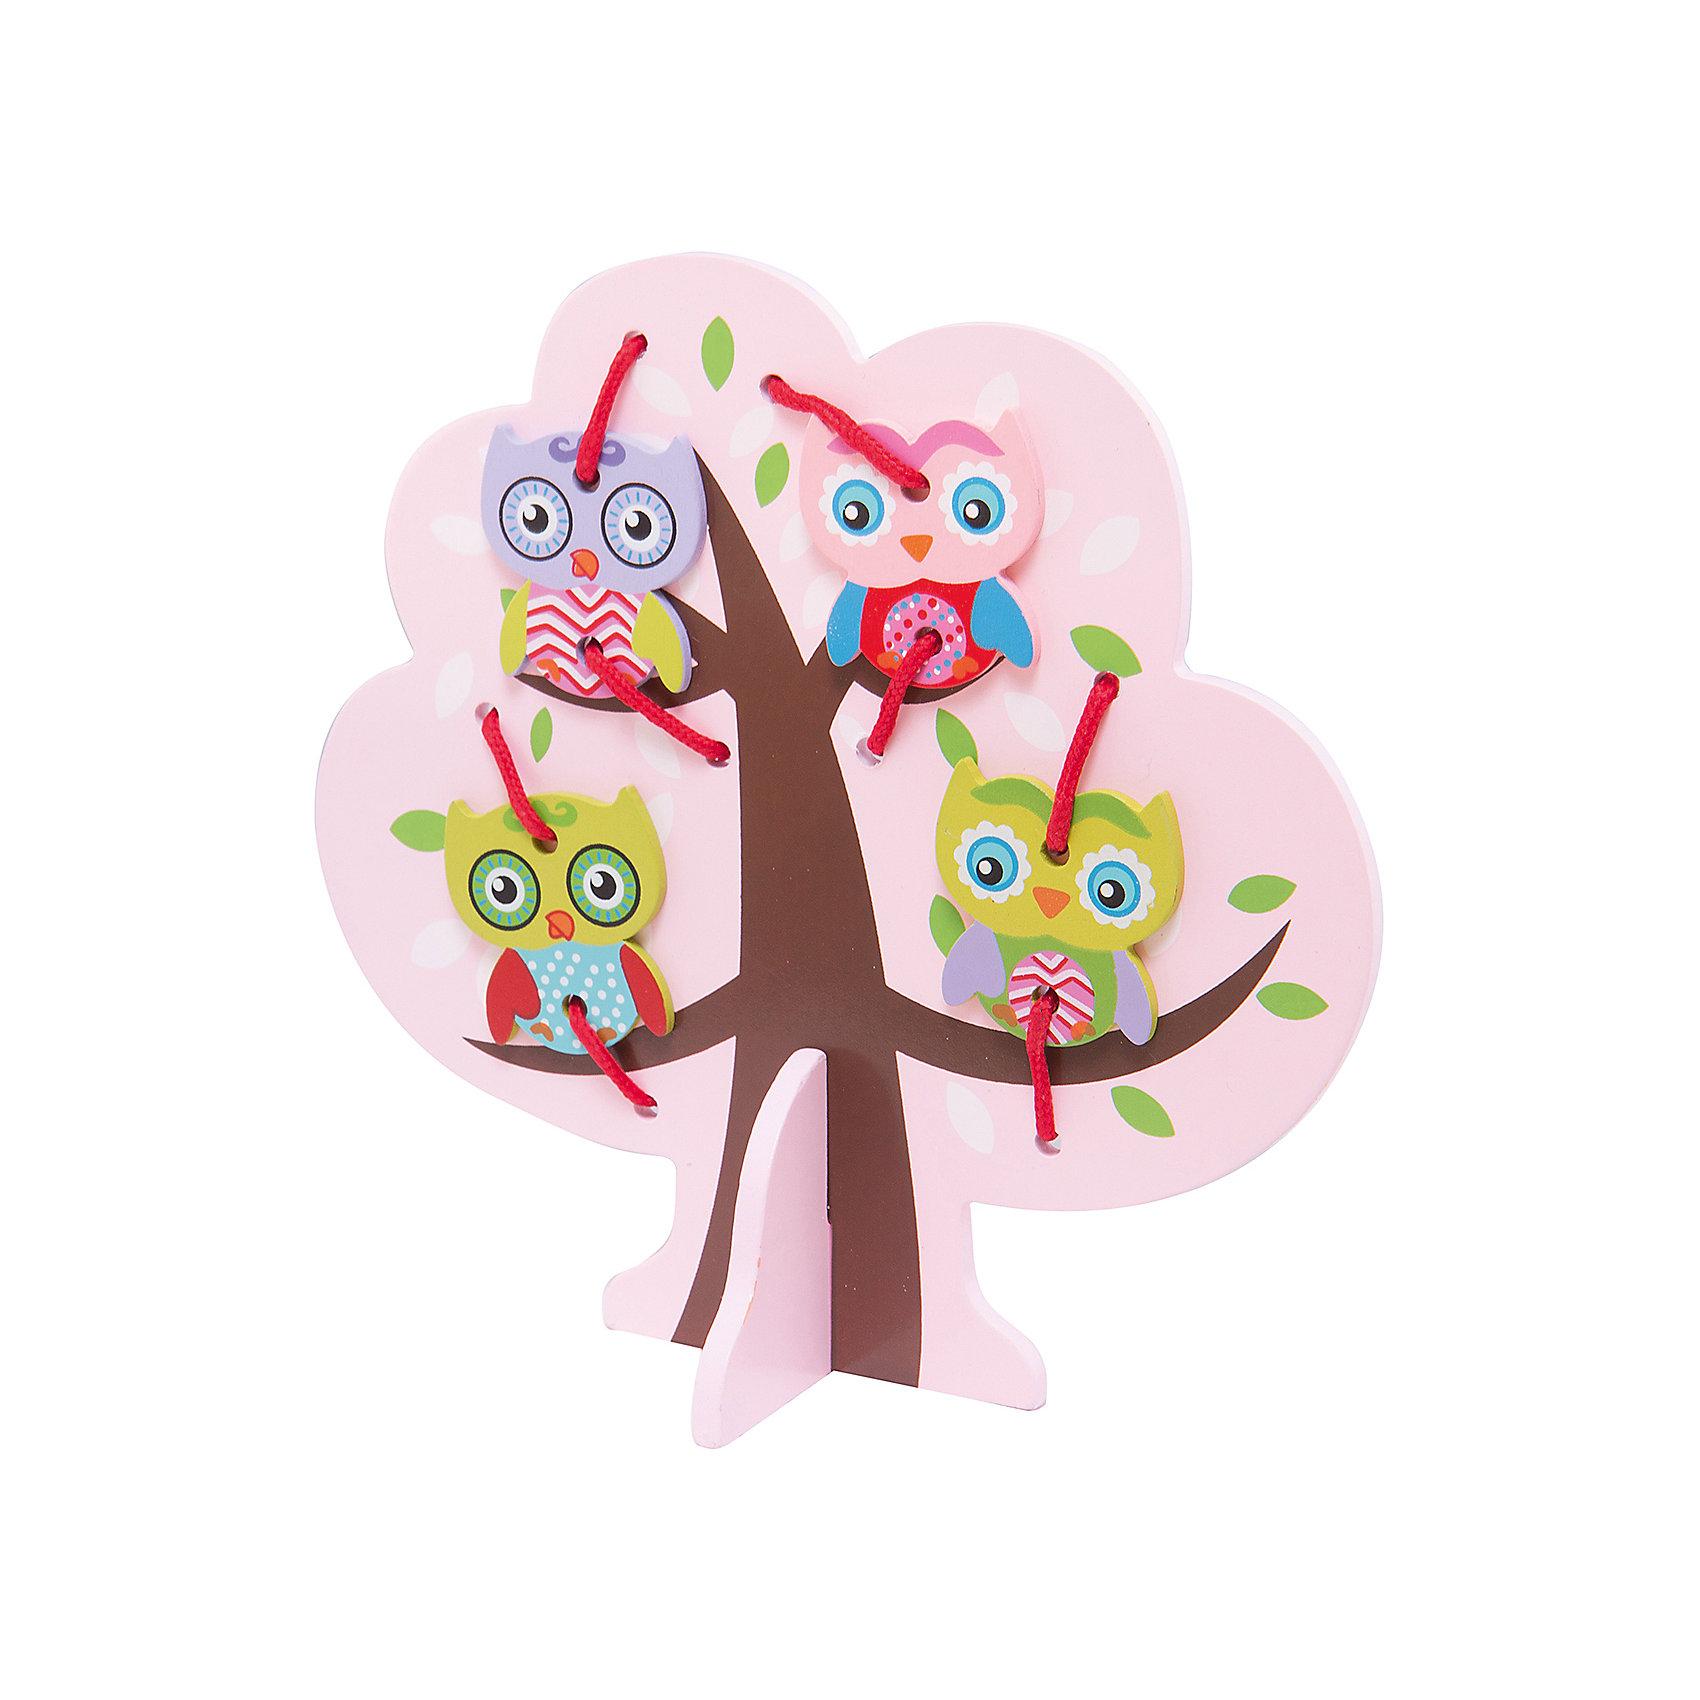 Шнуровка Дерево с совятами, MapachaШнуровки – вид развивающих игрушек, которые обучают ребенка практическим навыкам. Шнуровка научит обращаться со шнурками, завязывать узелки и бантики. Красивый дизайн игрушки, интересный рисунок, экологический материал, яркие цвета и стильный дизайн сделают модель любимой вещицей у малыша. Игрушка тренирует мелкую моторику, аккуратность, а так же тренирует логику и воображение. Материалы, использованные при изготовлении товара, абсолютно безопасны и отвечают всем международным требованиям по качеству.<br><br>Дополнительные характеристики:<br><br>материал: натуральное дерево, текстиль;<br>цвет: разноцветный;<br>габариты: 20 X 1 X 25 см.<br><br>Шнуровку  Дерево с совятами от компании Mapacha можно приобрести в нашем магазине.<br><br>Ширина мм: 400<br>Глубина мм: 405<br>Высота мм: 220<br>Вес г: 148<br>Возраст от месяцев: 36<br>Возраст до месяцев: 84<br>Пол: Унисекс<br>Возраст: Детский<br>SKU: 5032502